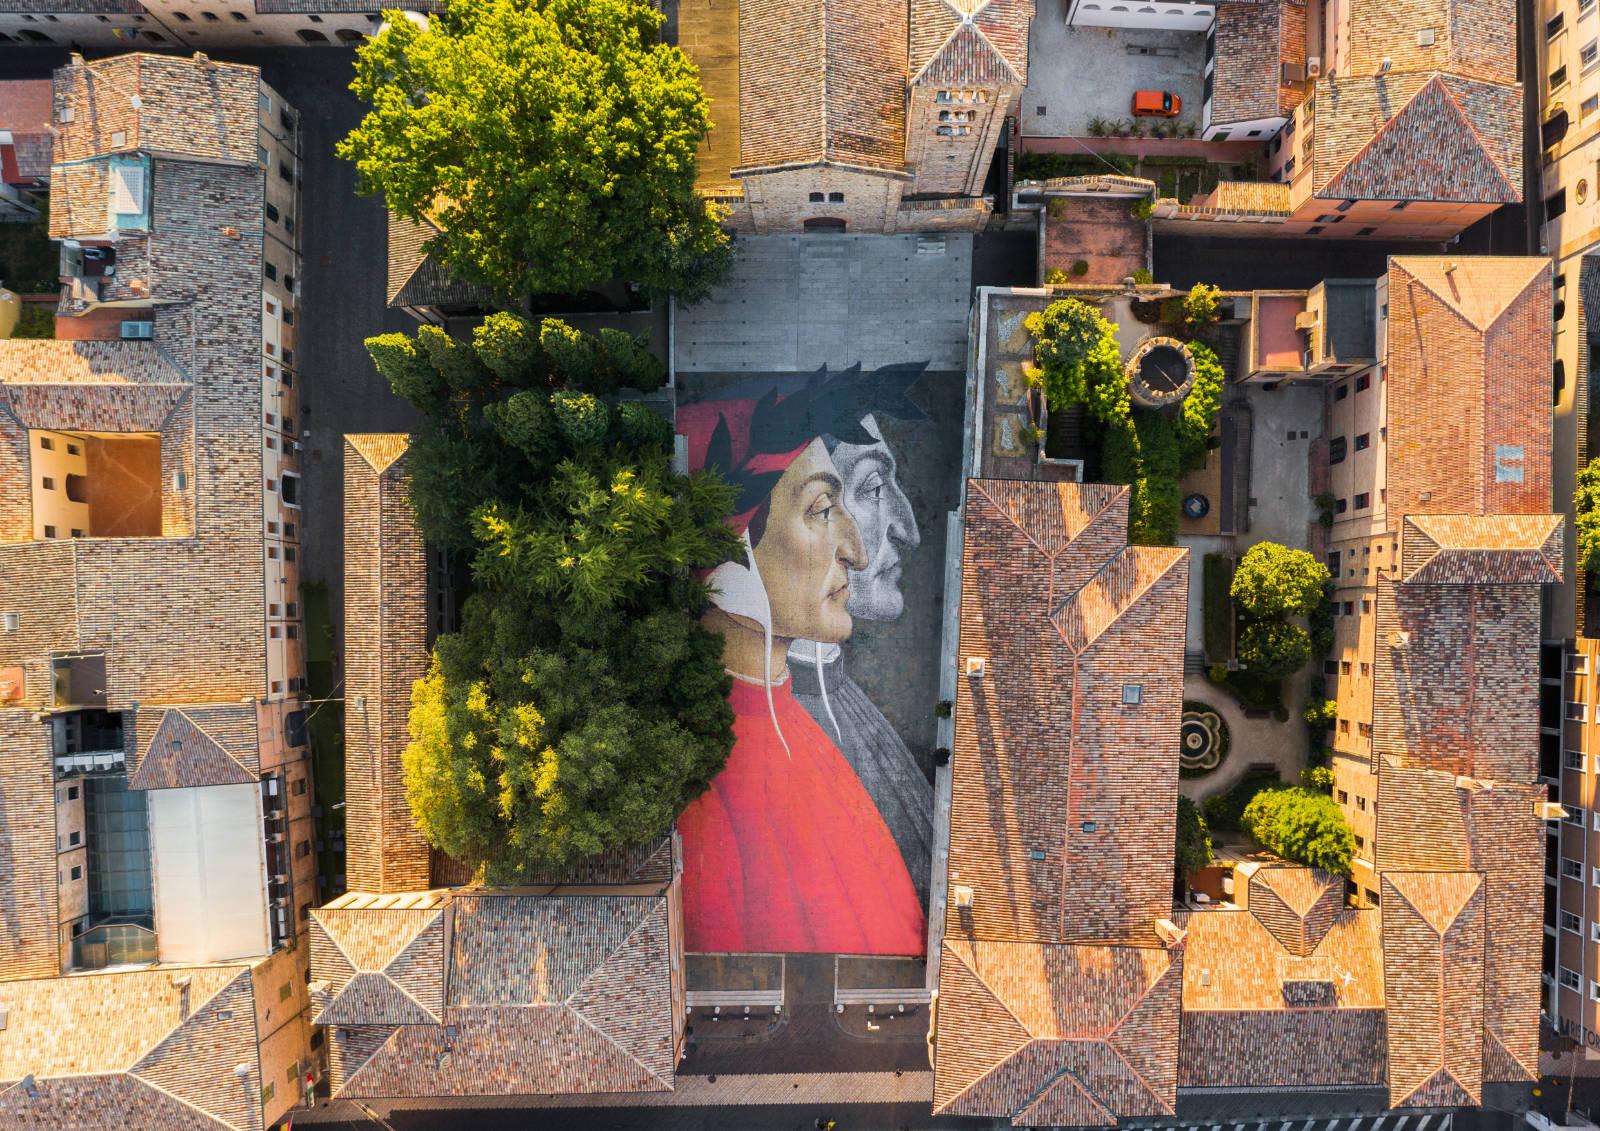 Dante per Ravenna, Ravenna per Dante: 100mila volti del Sommo Poeta di fronte alla sua tomba